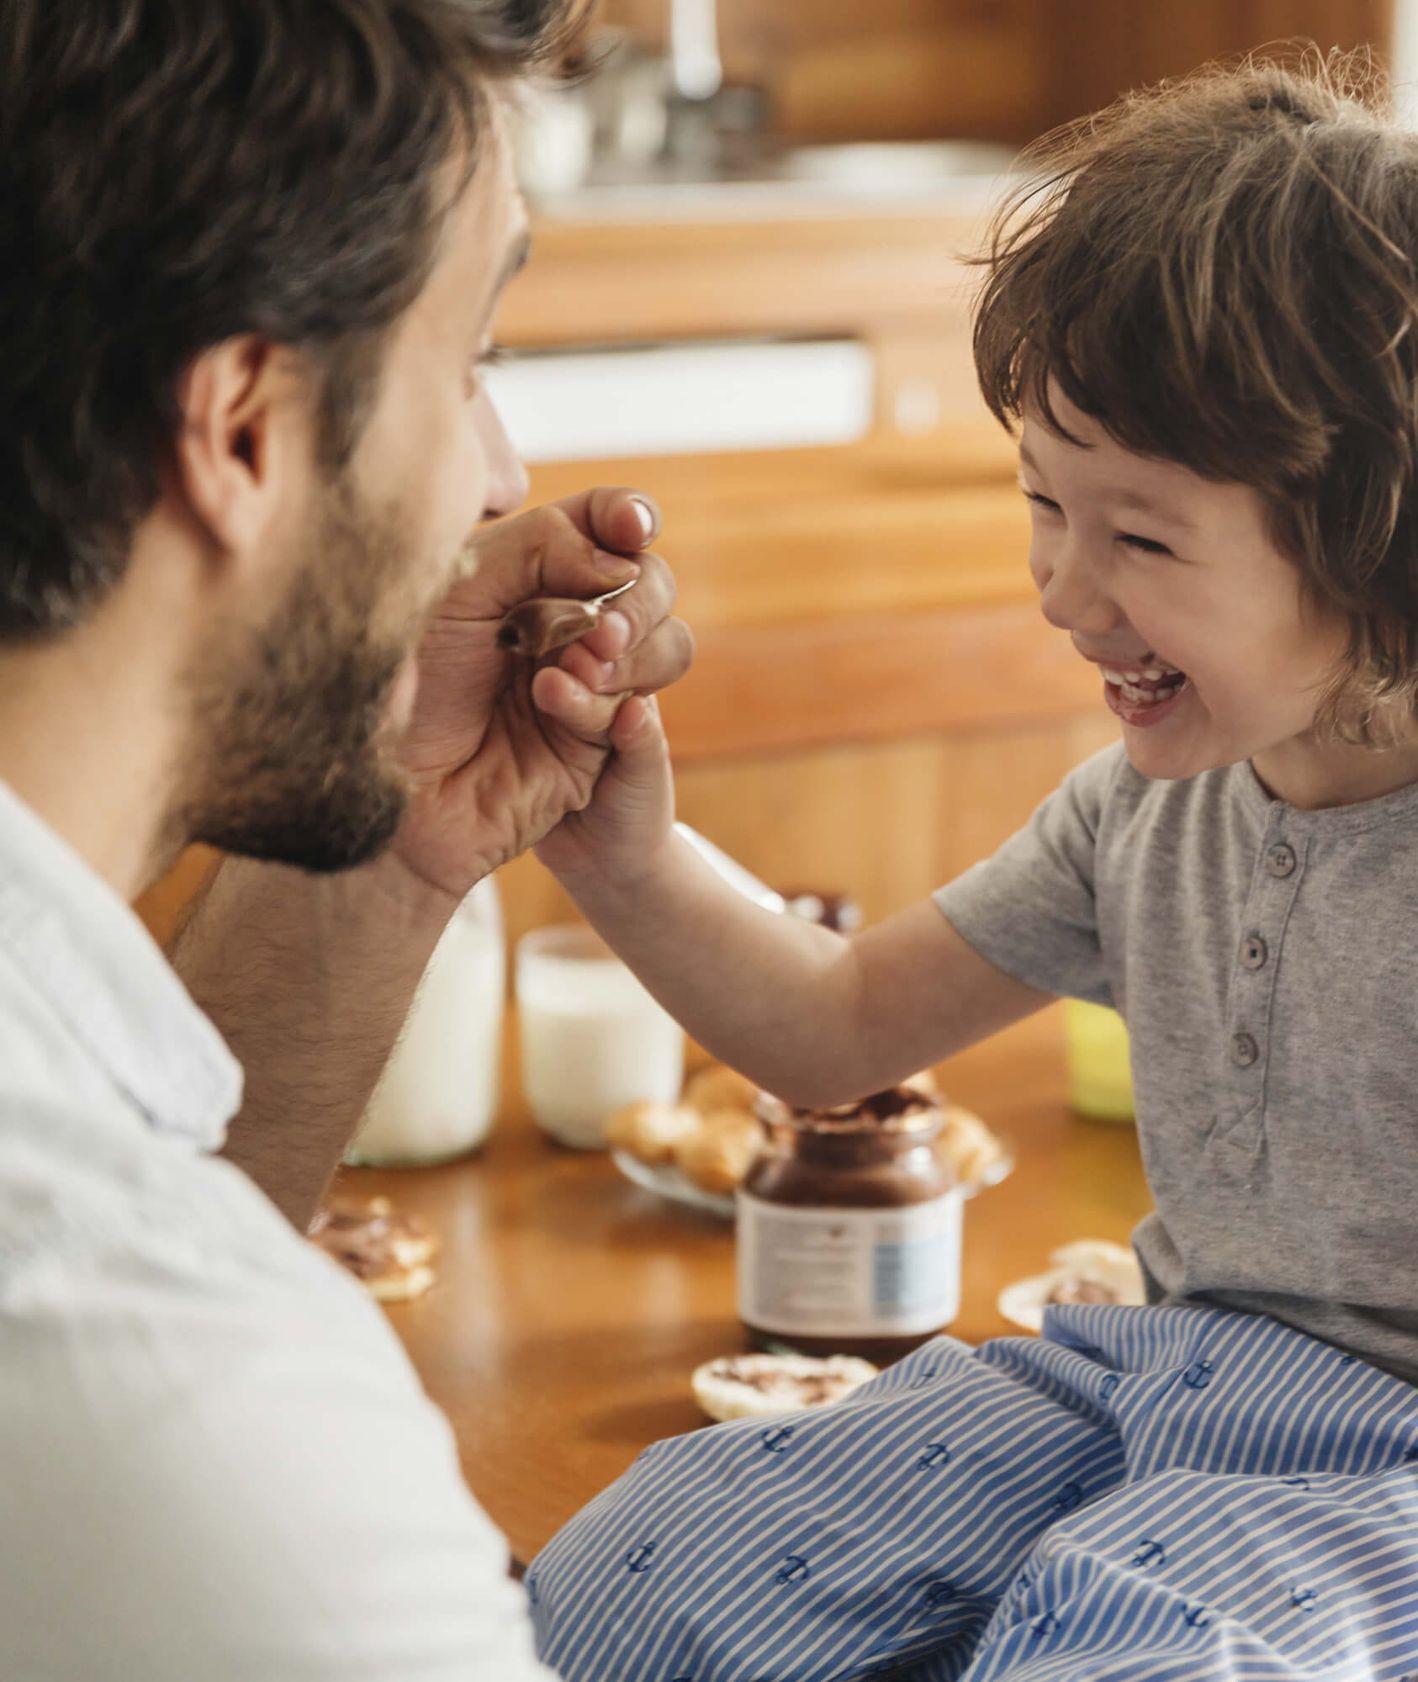 Rodzinna scena przy stole, wspólny posiłek taty i dziecka (fot. materiały promocyjne)